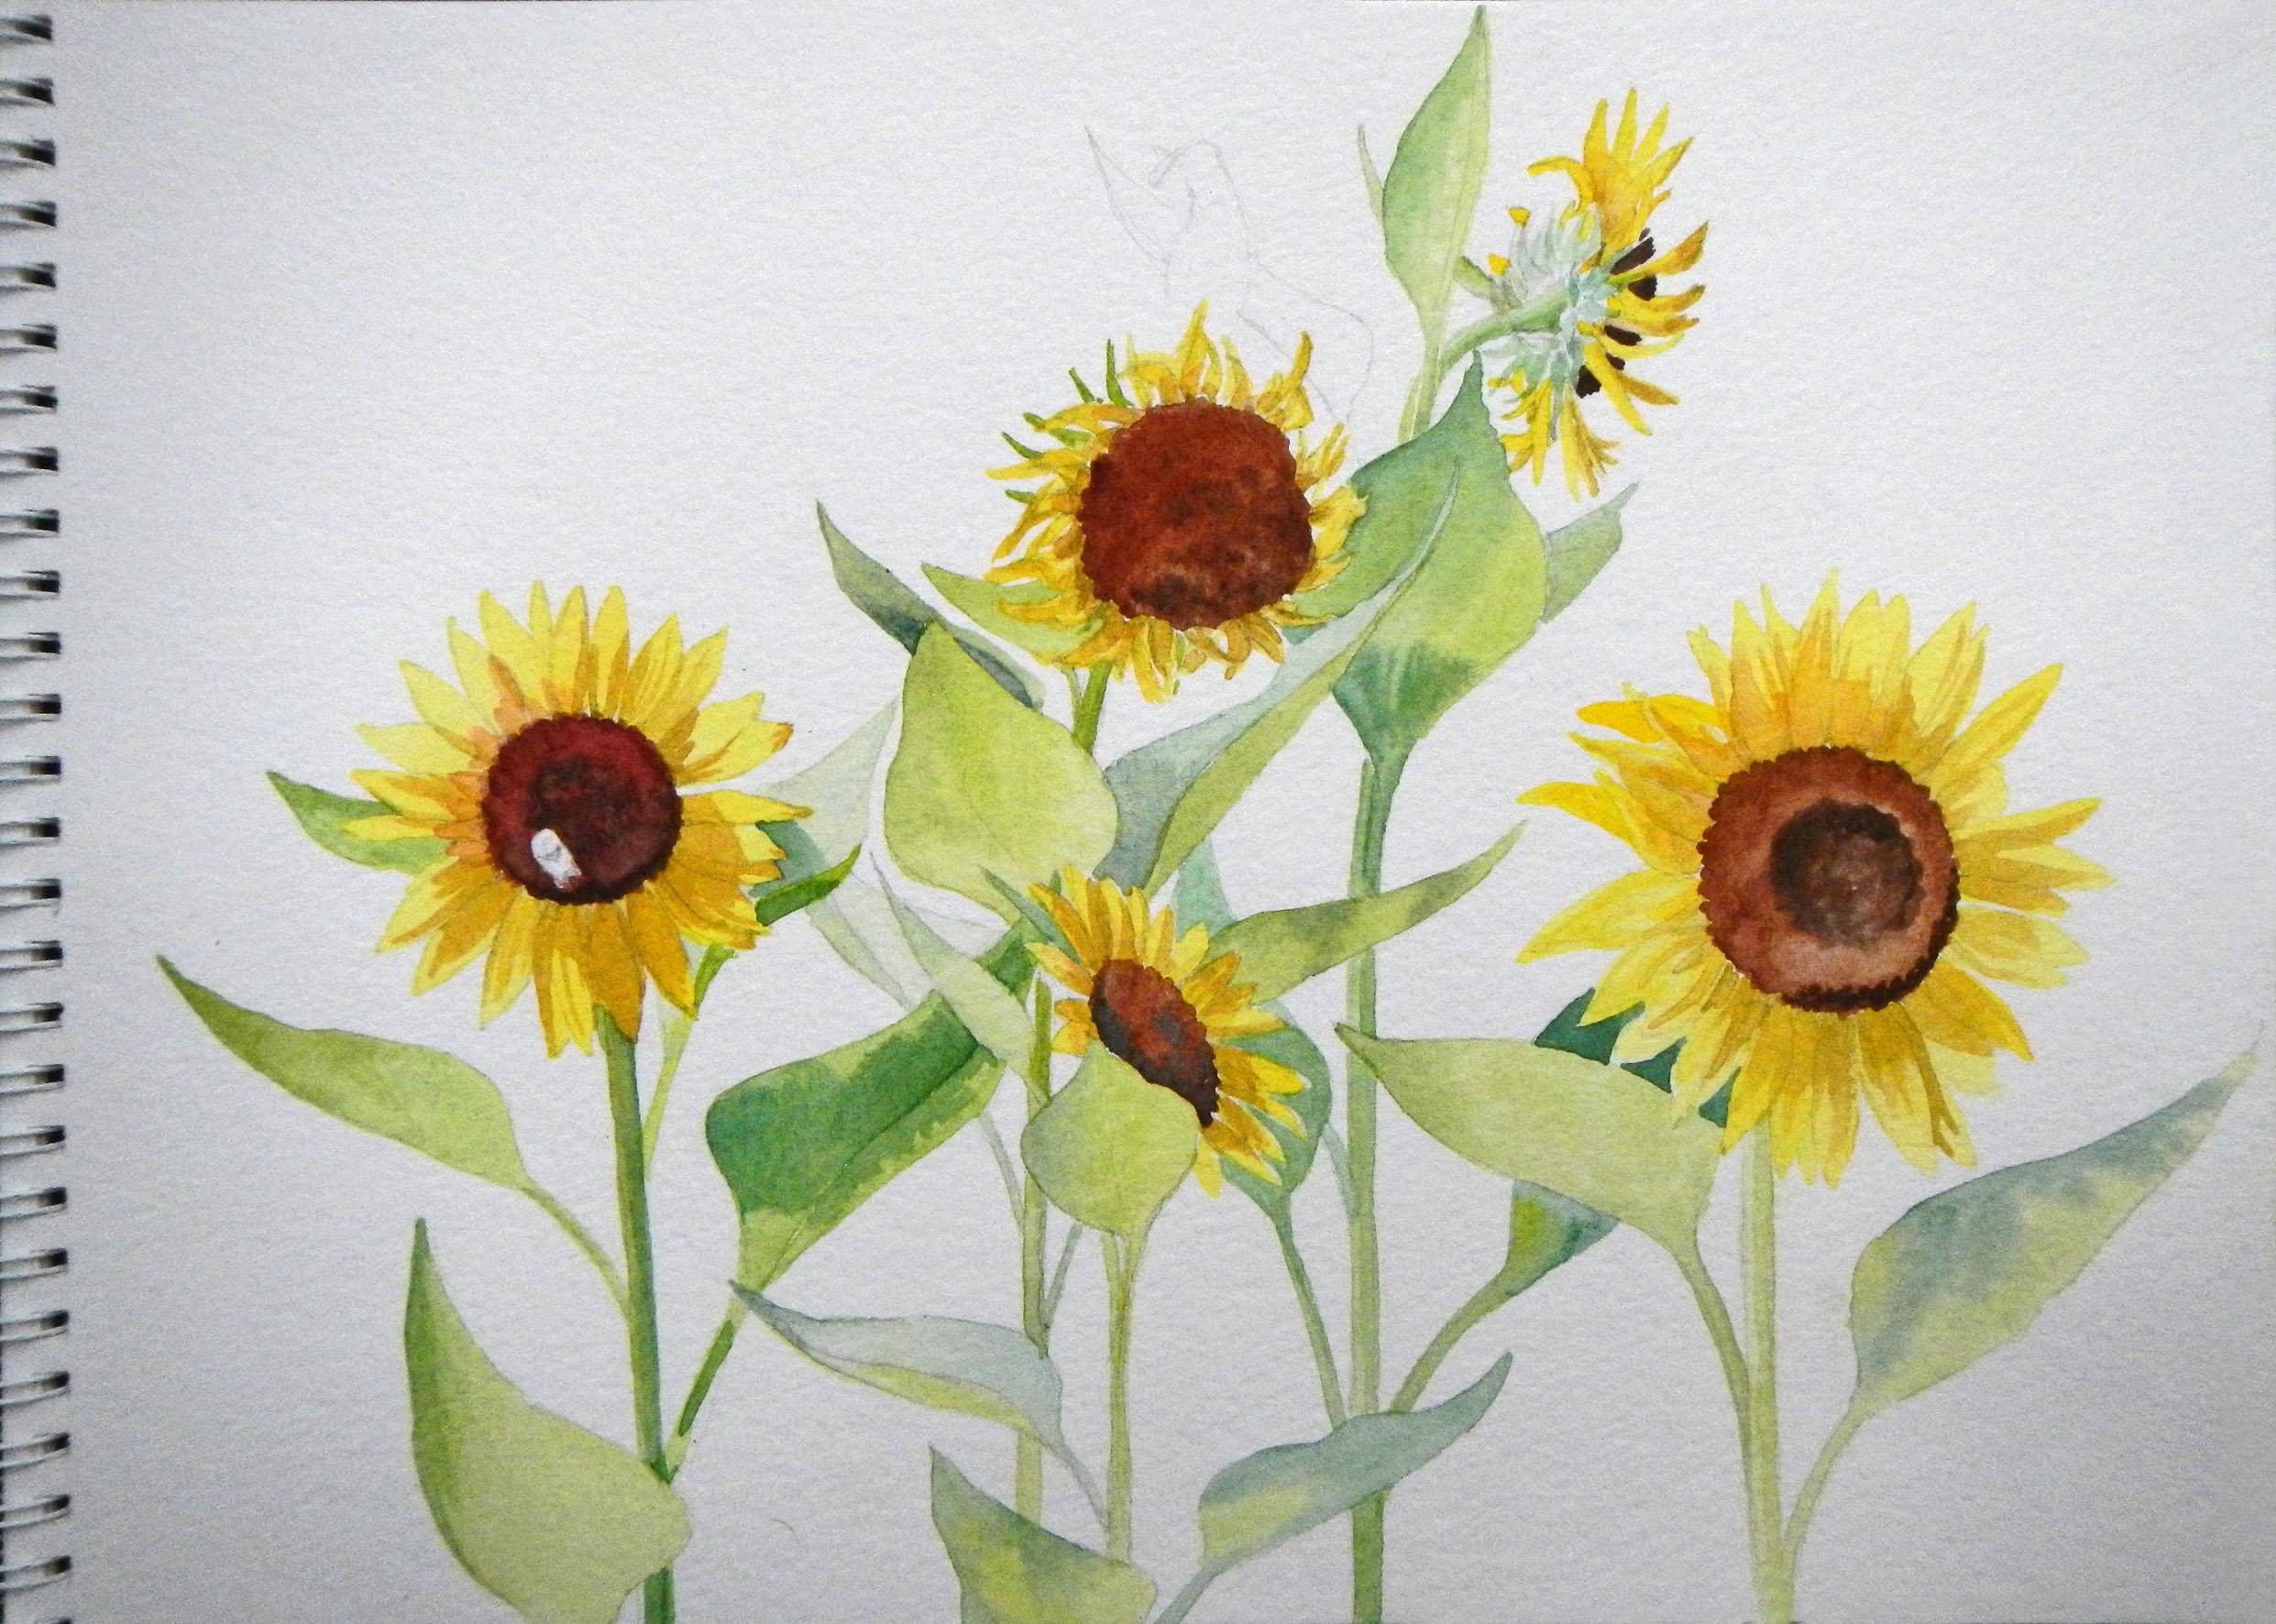 2483x1772 Eleletsitz Sunflowers Drawing Tumblr Images